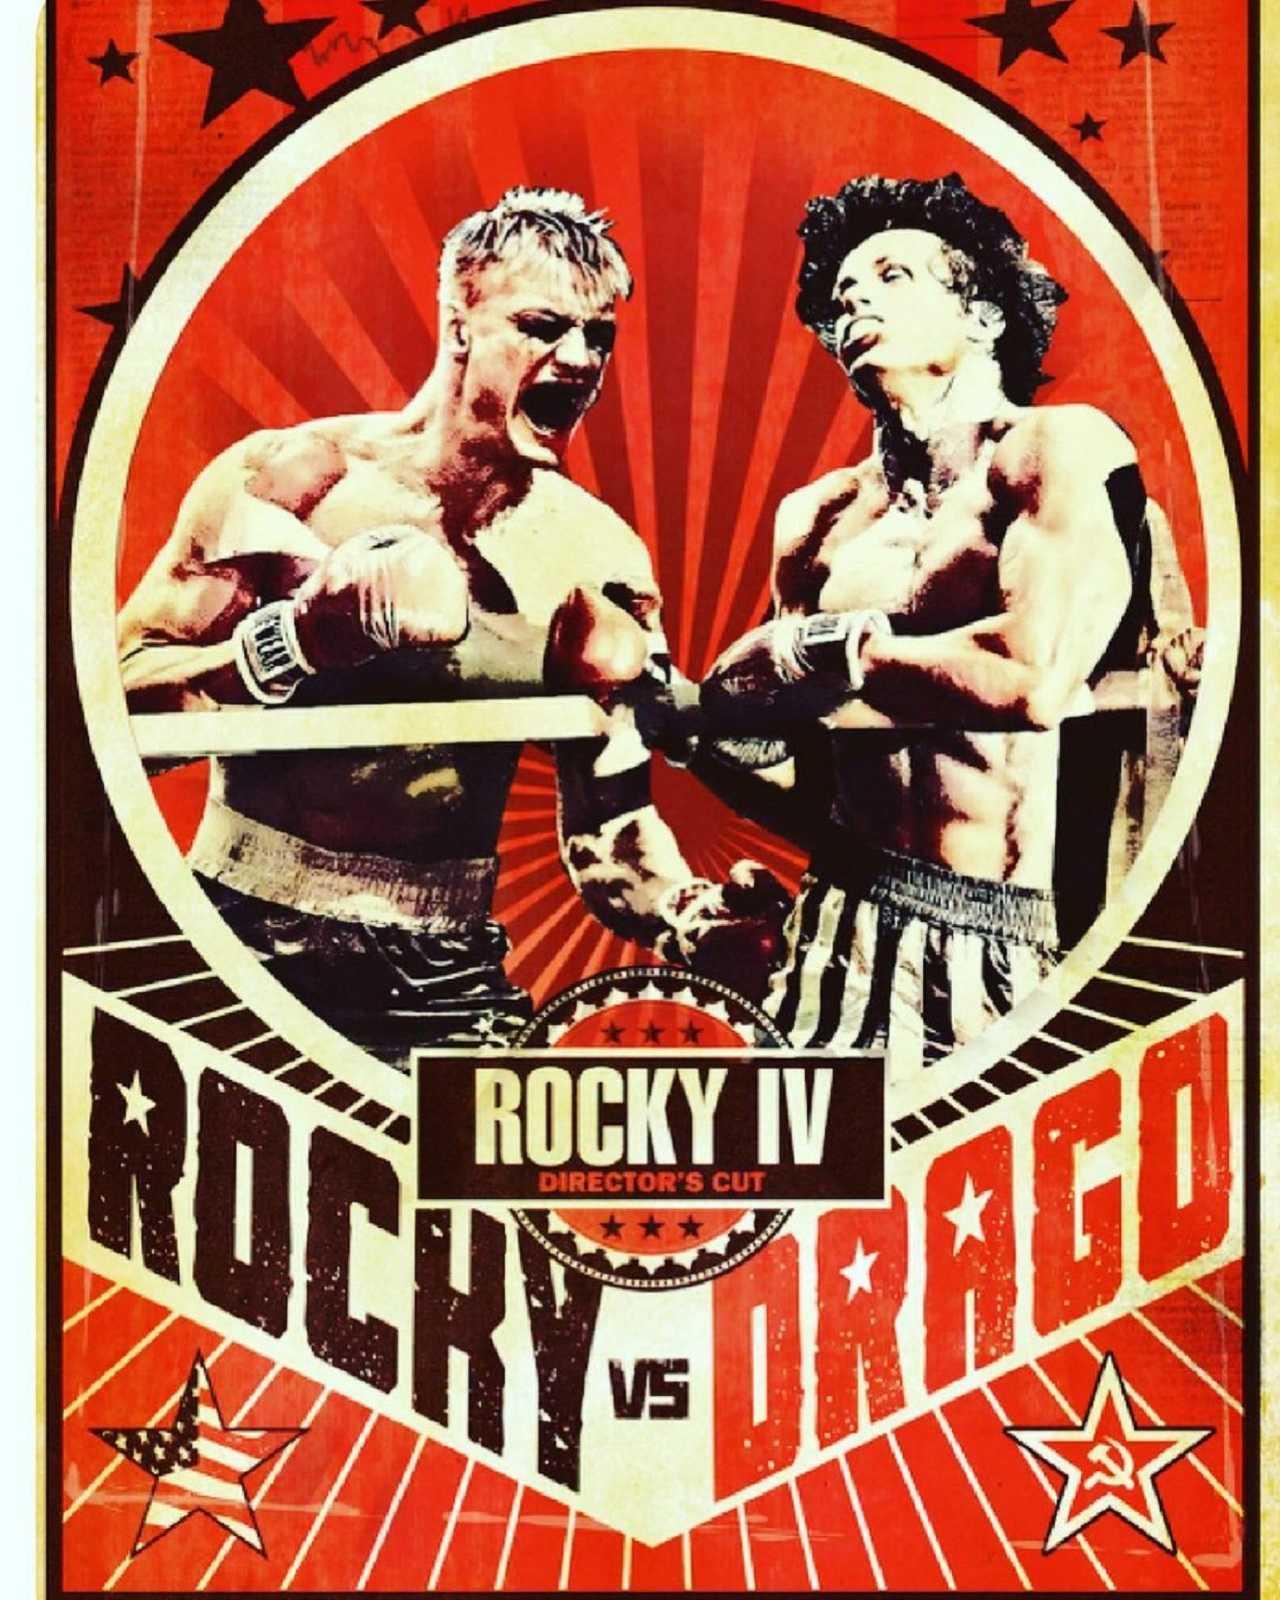 Rocky IV Directors Cut Feche Estreno